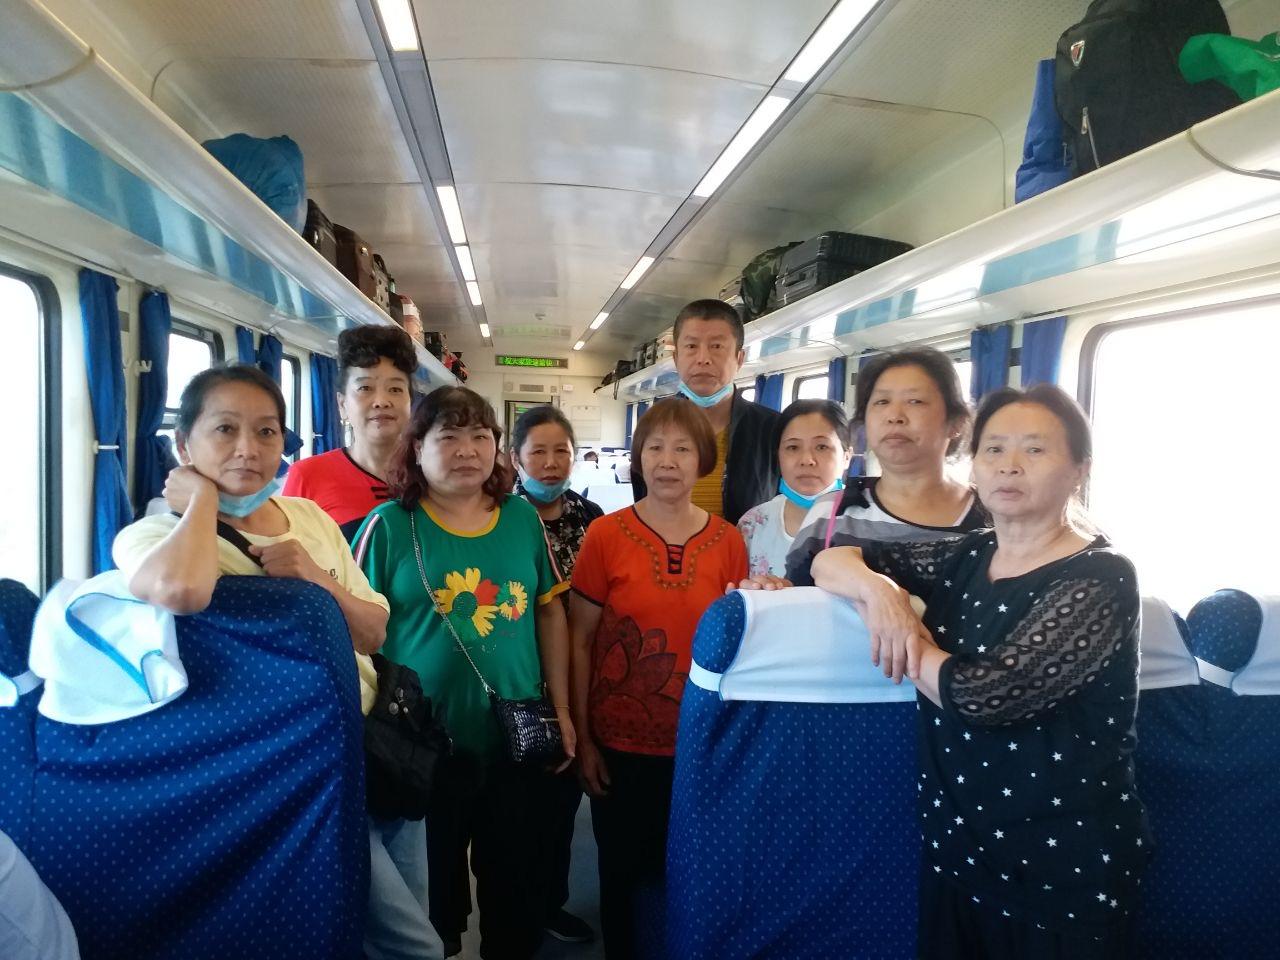 2020年8月2日,重慶訪民付清淑、危文元、趙亮、王志芬、朱芝招等十餘人,在重慶開往北京的Z4火車上被地方截訪人員和警察暴力攔截。圖為部份訪民合照。(受訪者提供)